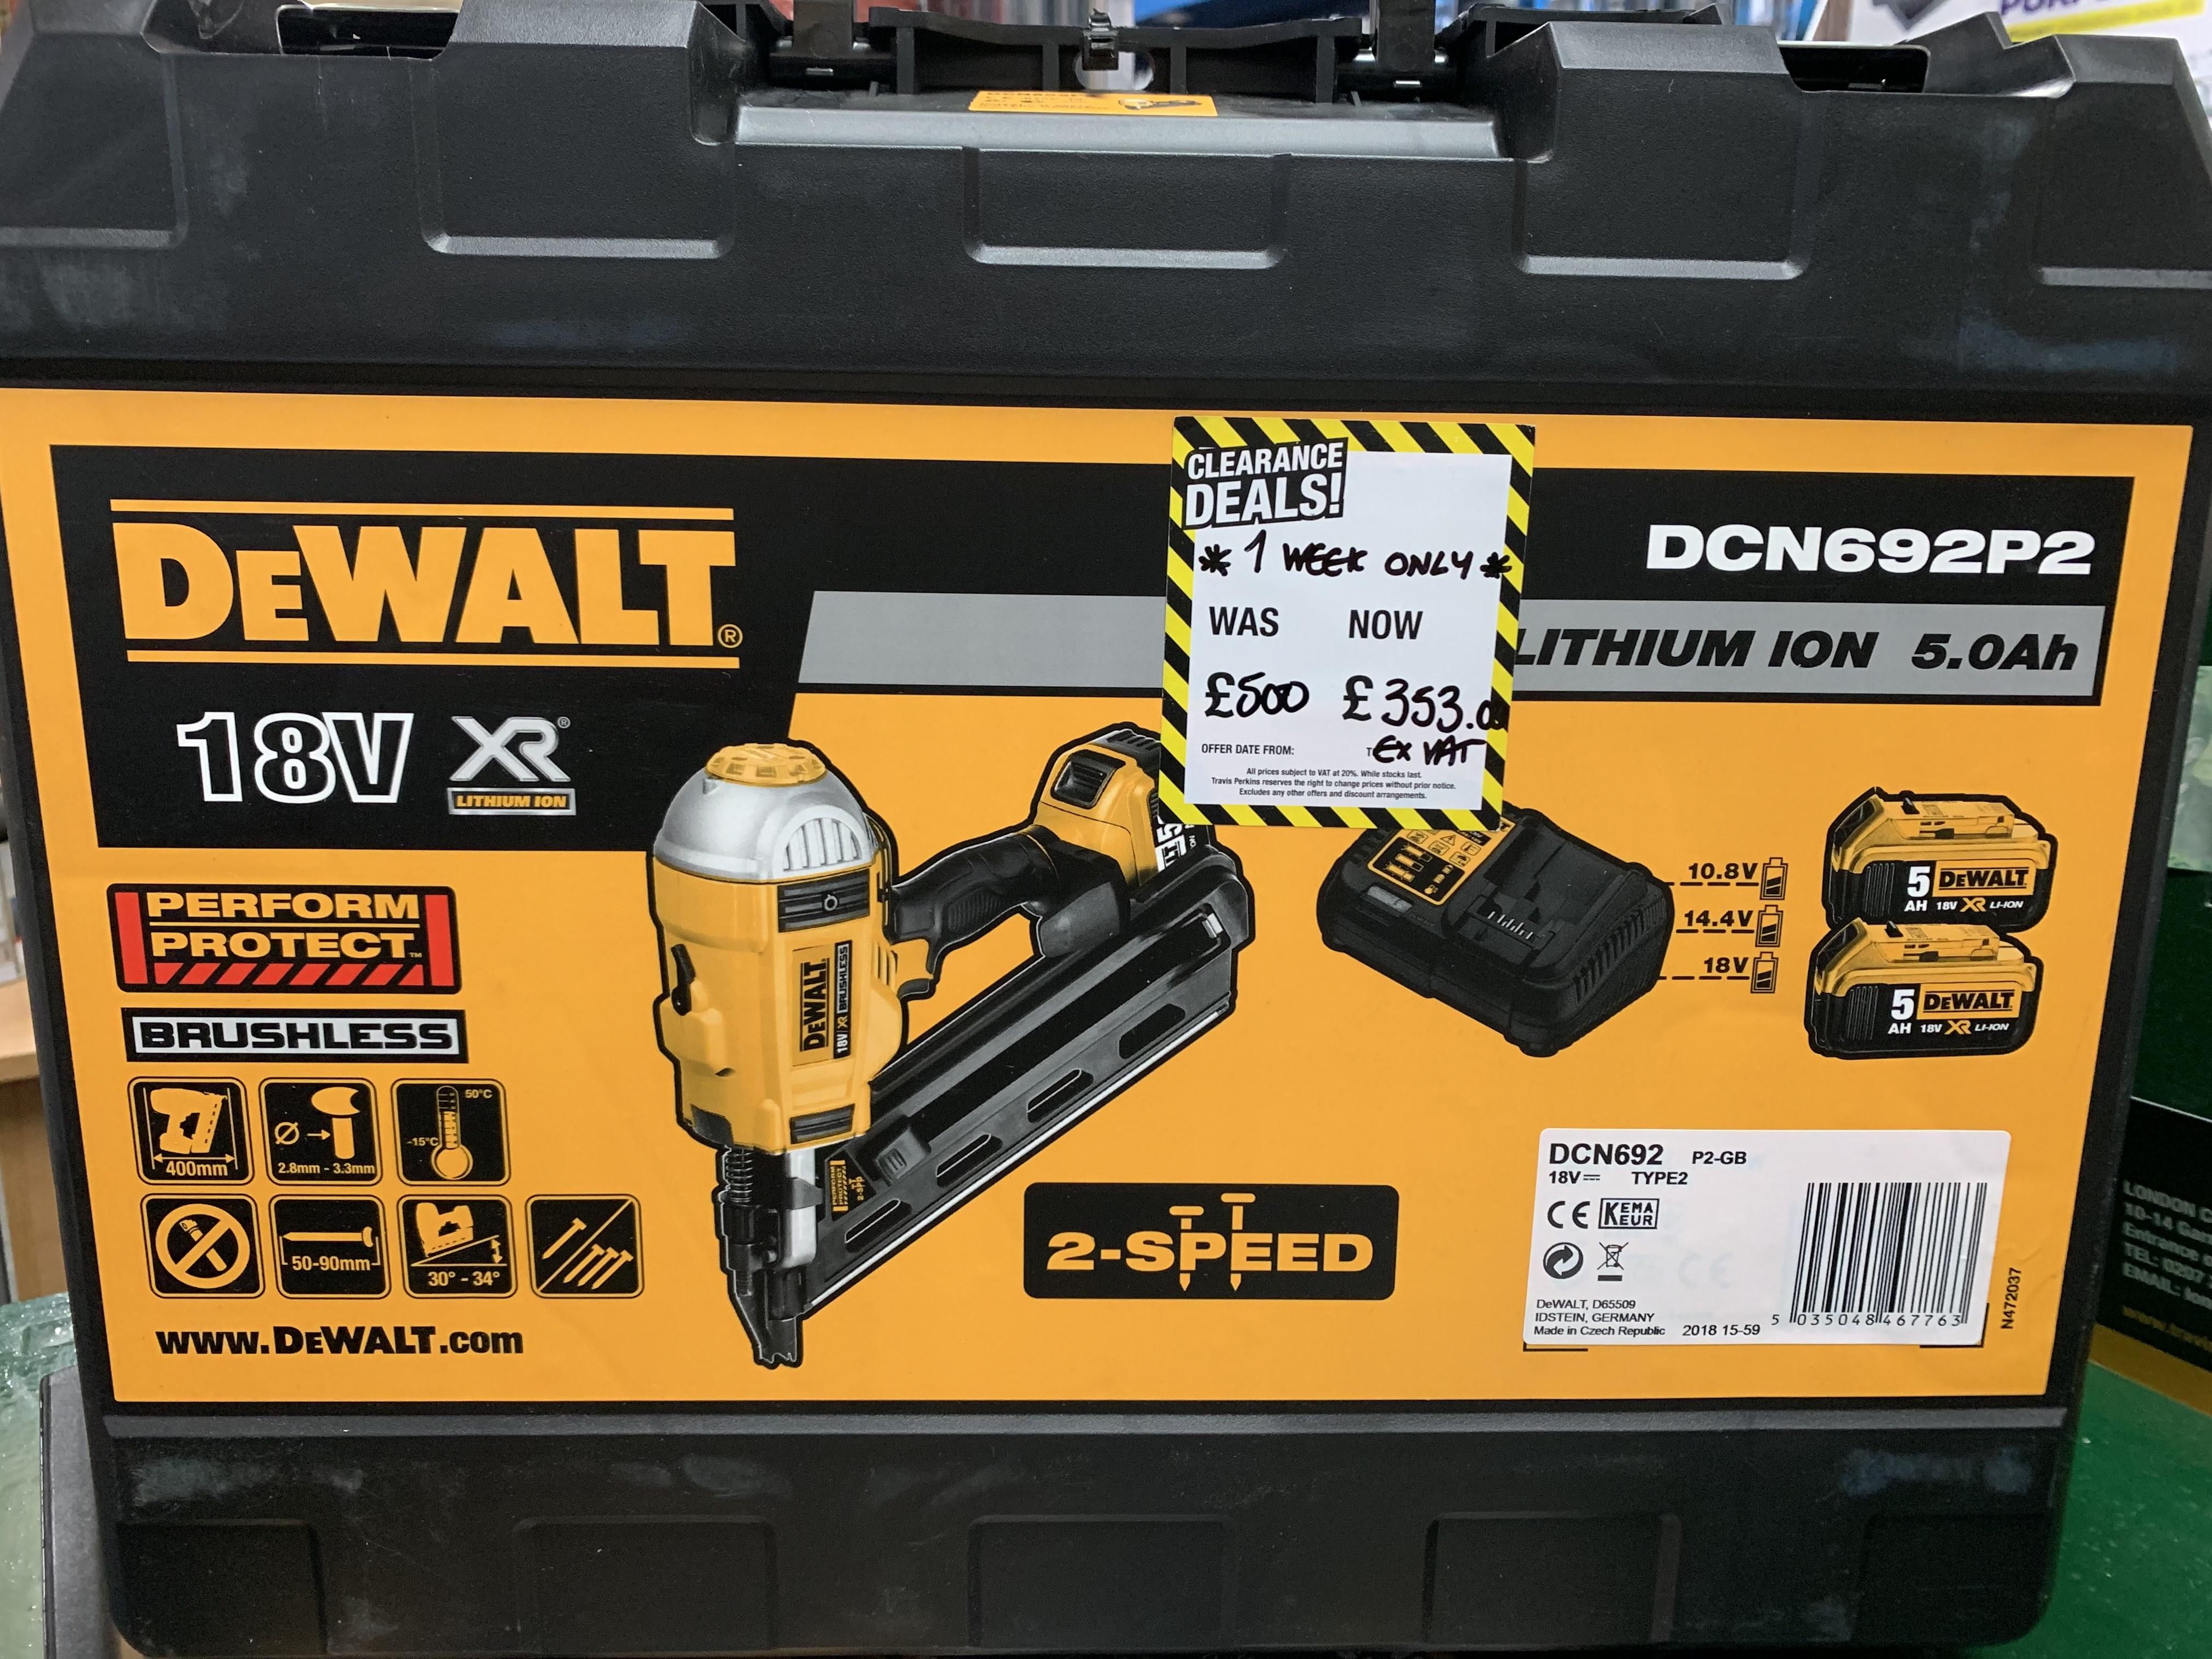 Dewalt 1st Fix Nail Gun - £420 Instore @ Travis Perkins (London)